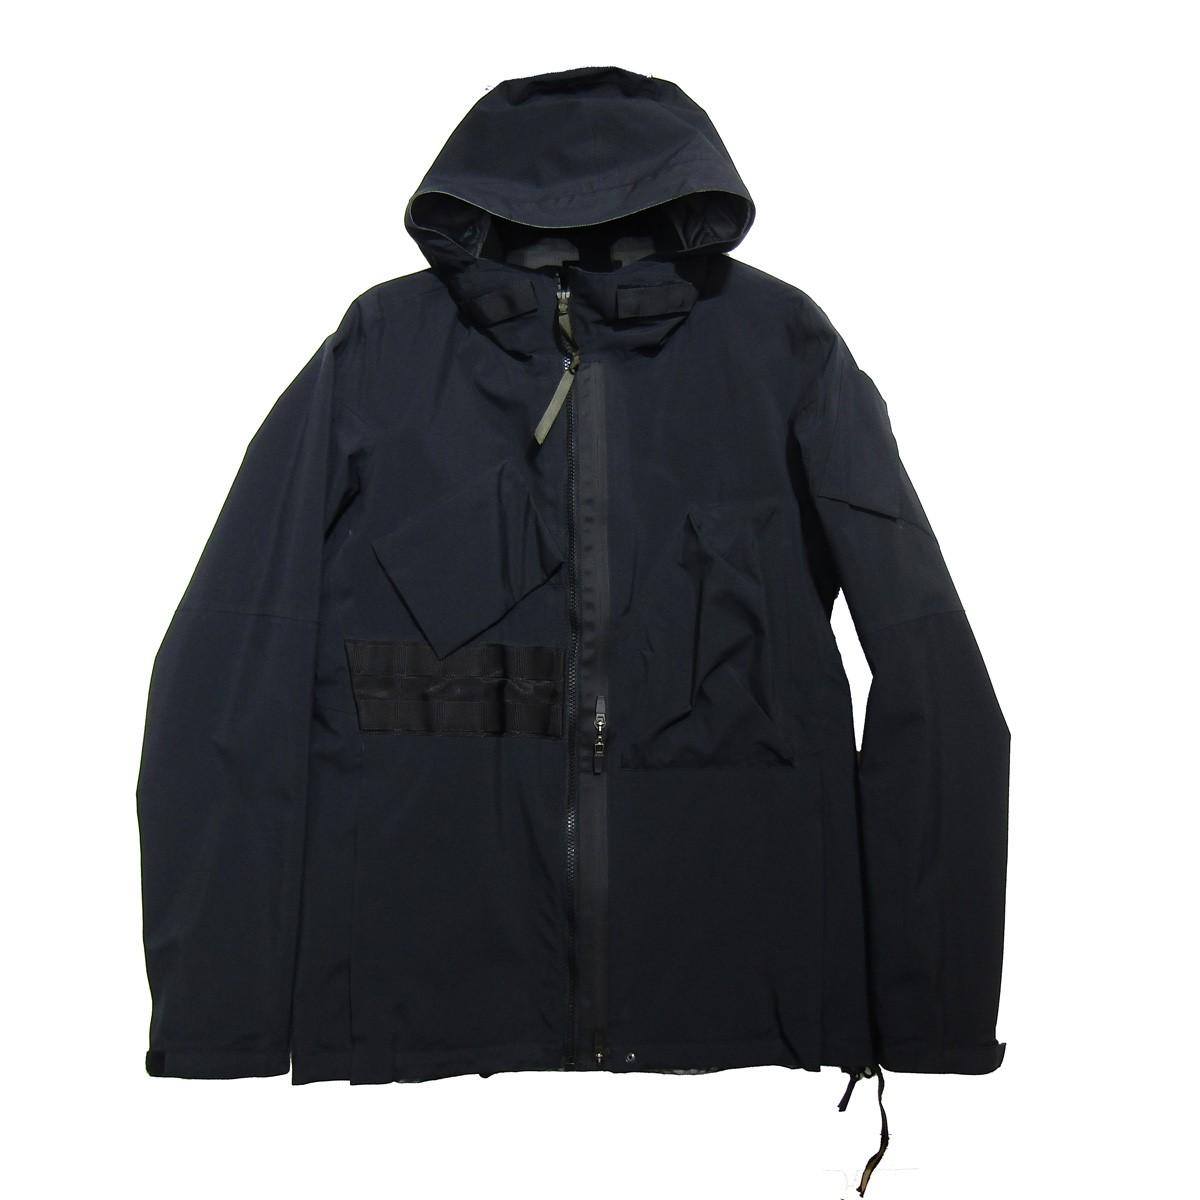 【中古】ACRONYM 3L Gore-TexR Pro Tec Sys Interops Jacket/J47TS-GT ブラック サイズ:M 【250420】(アクロニウム)